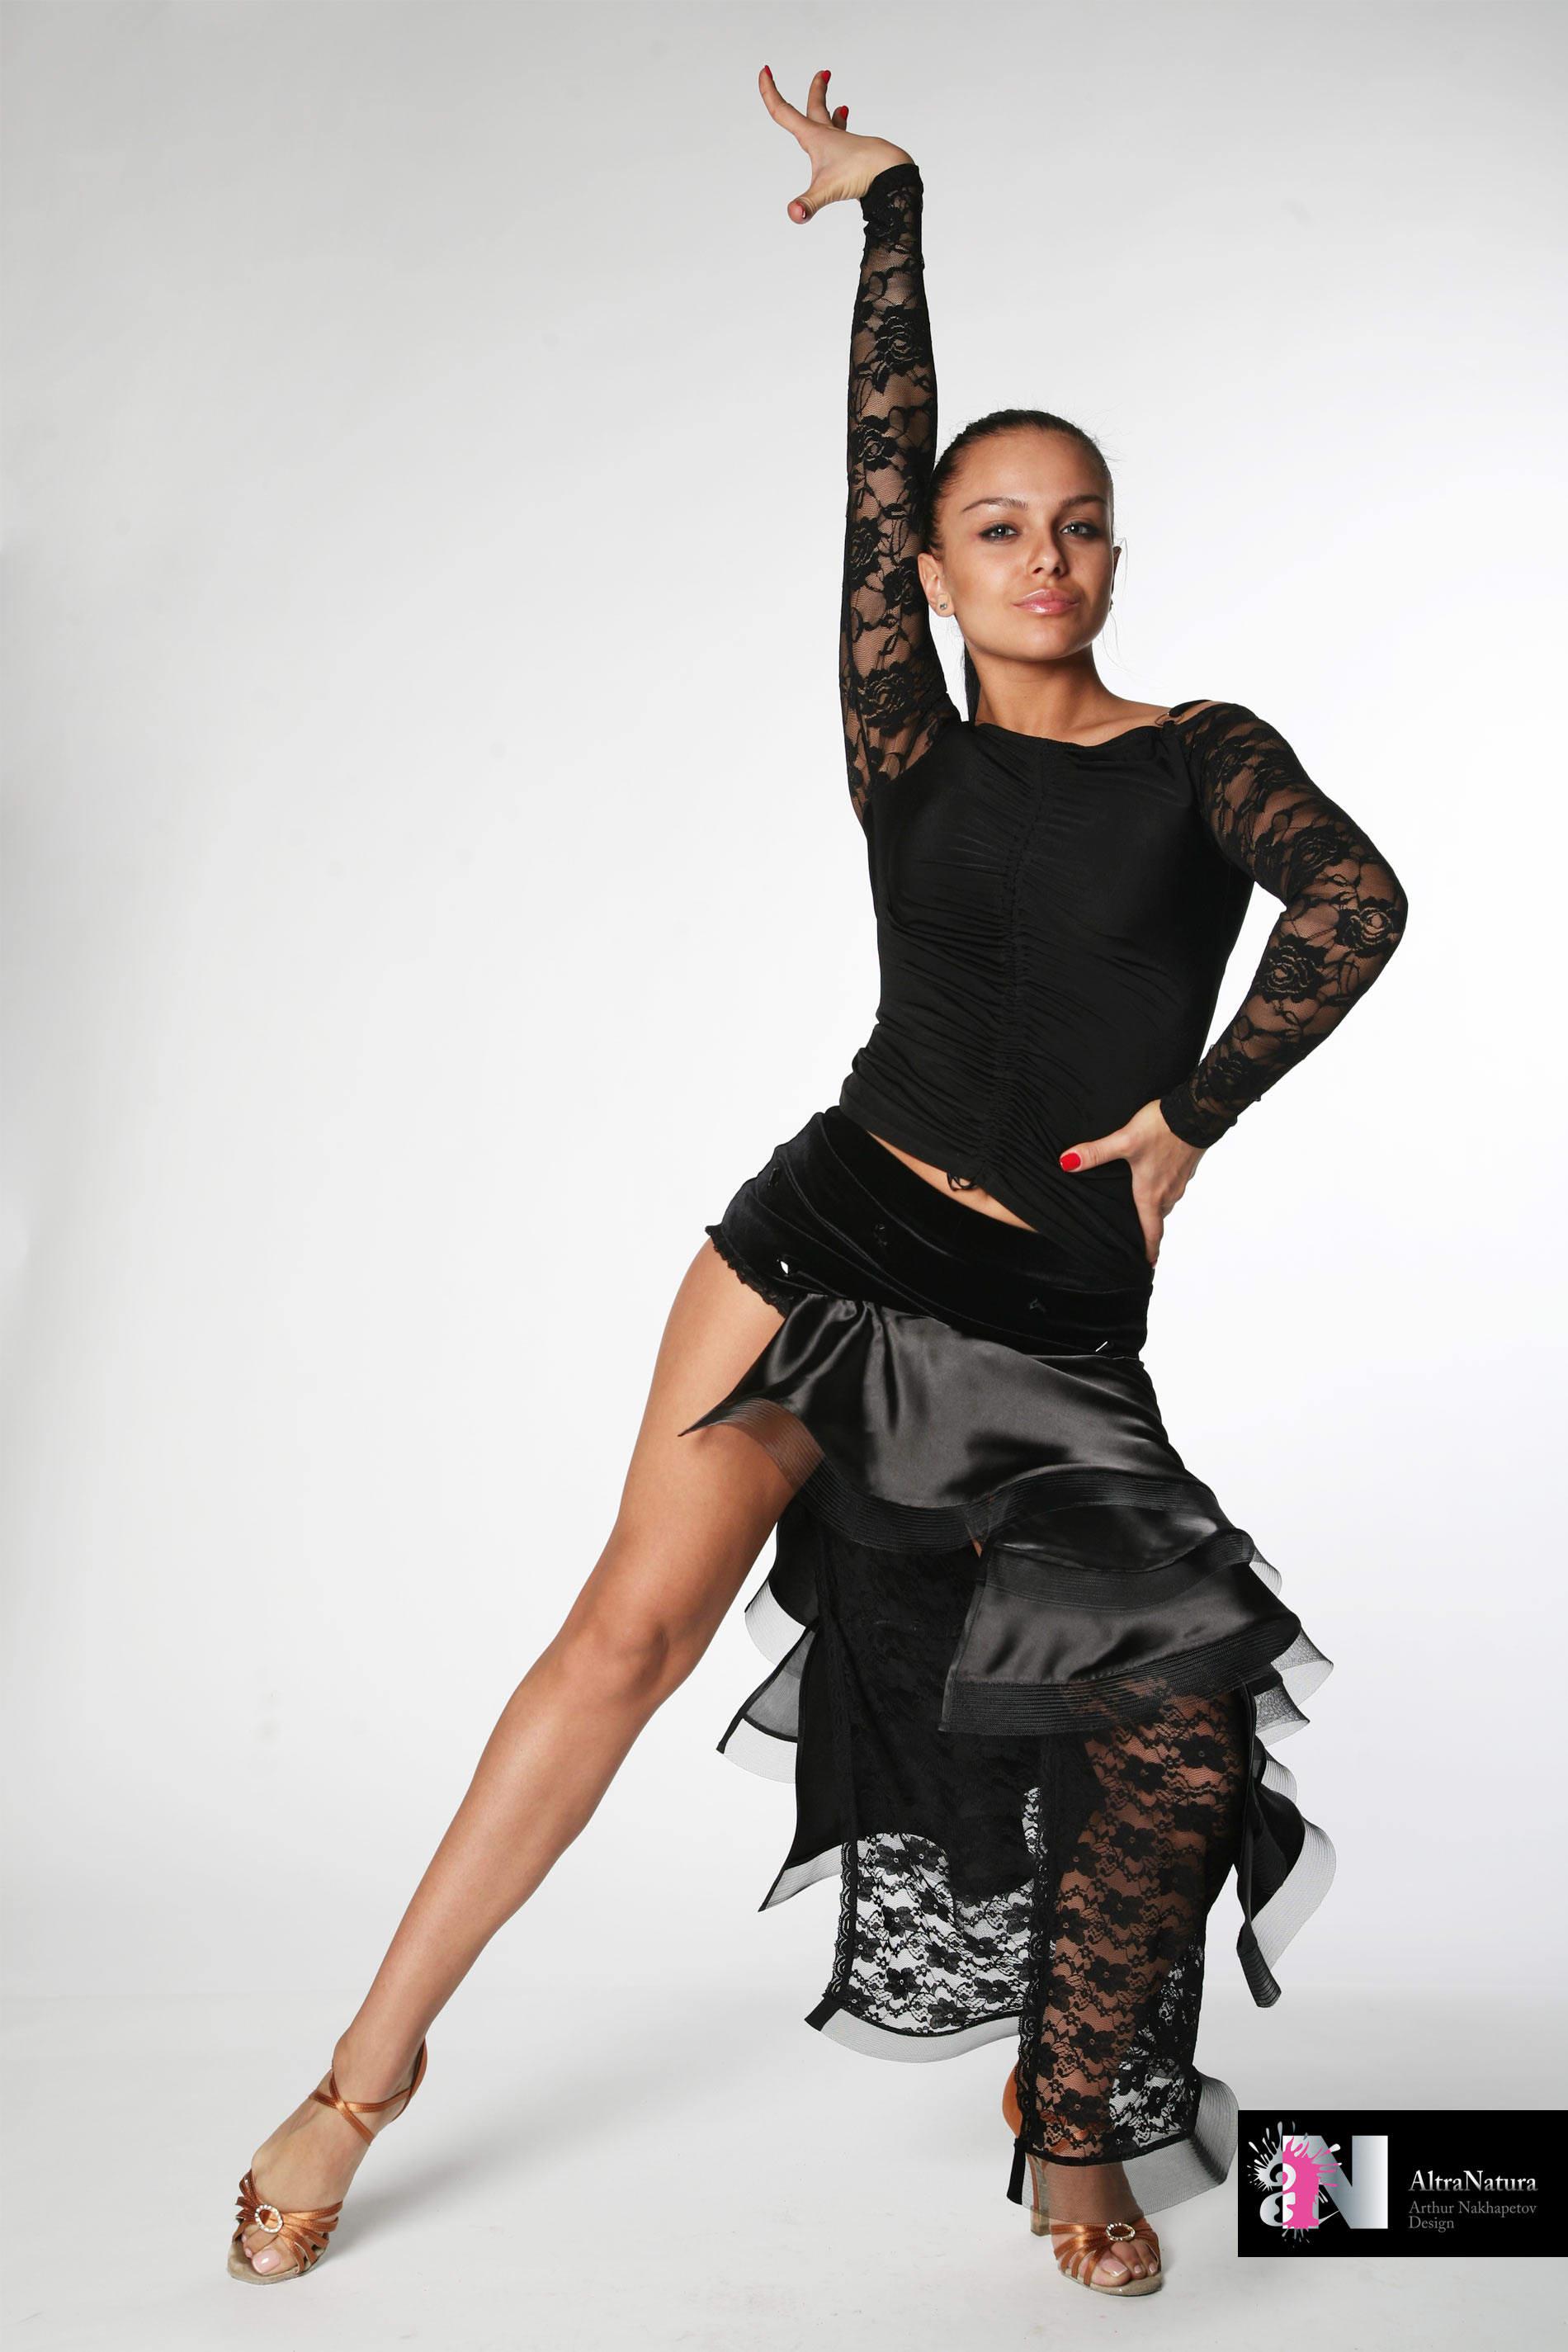 Макияж для бальных танцев фото при